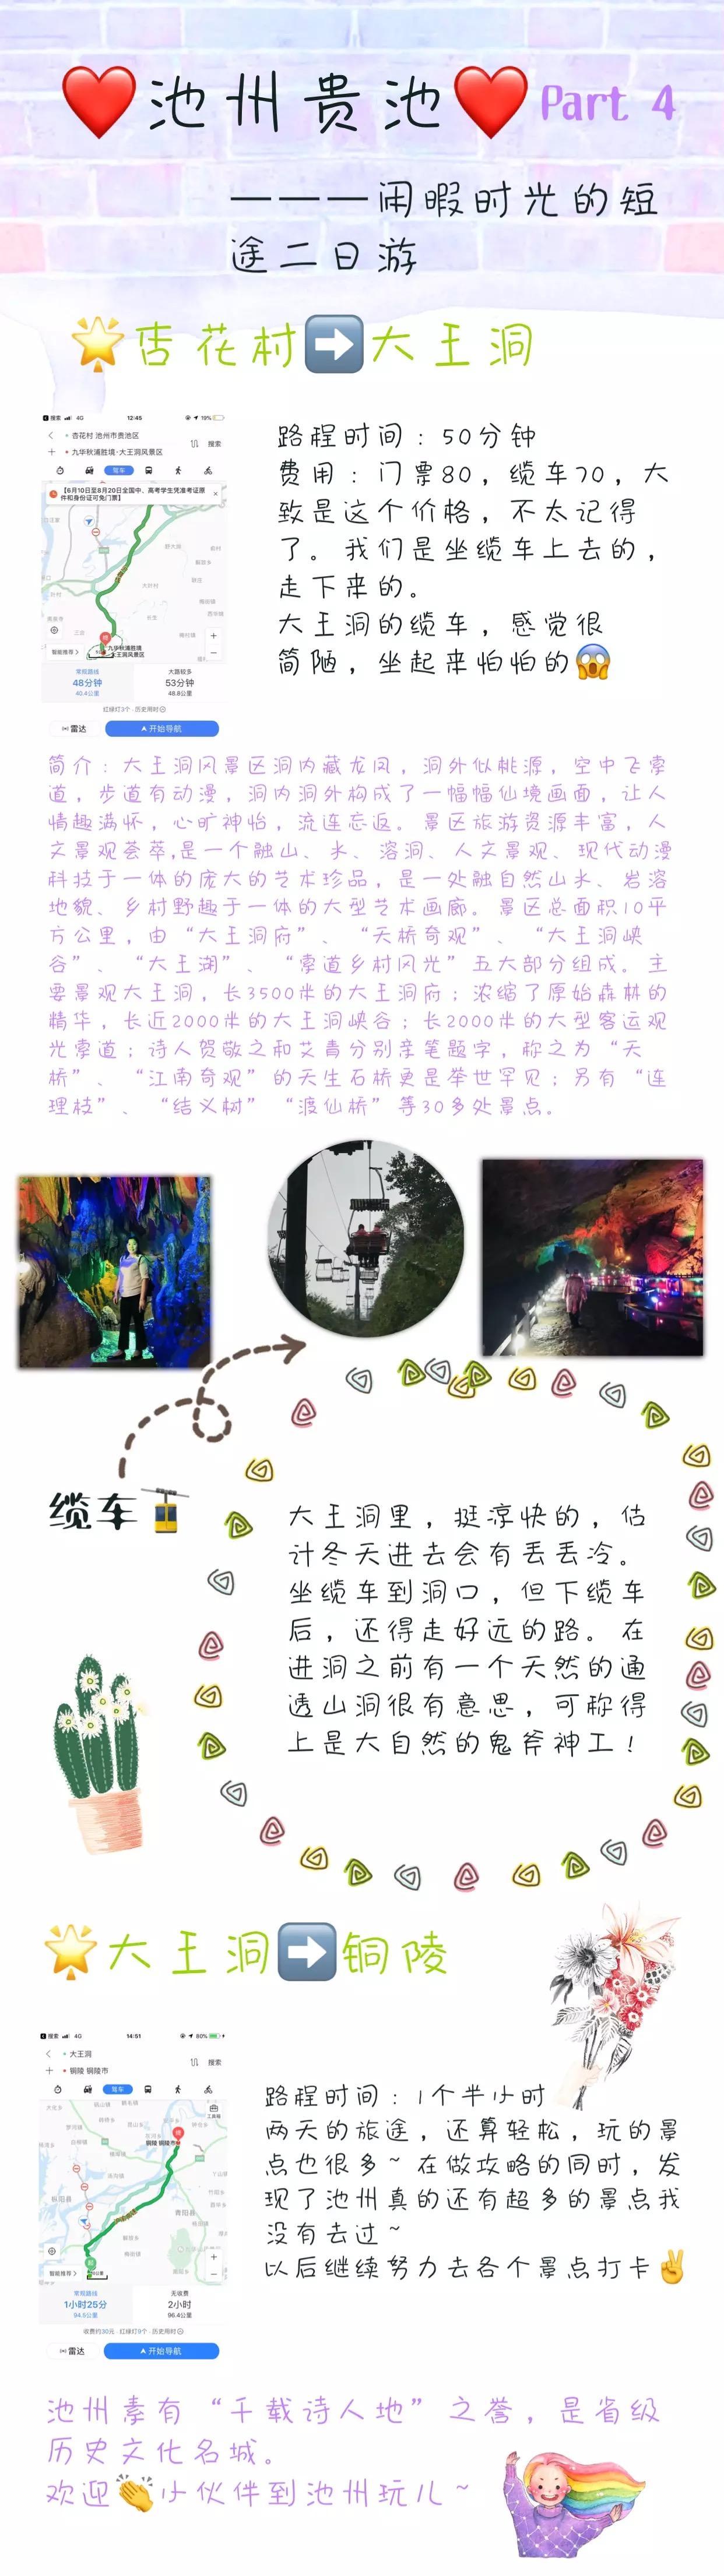 微信图片_20191114162543.jpg